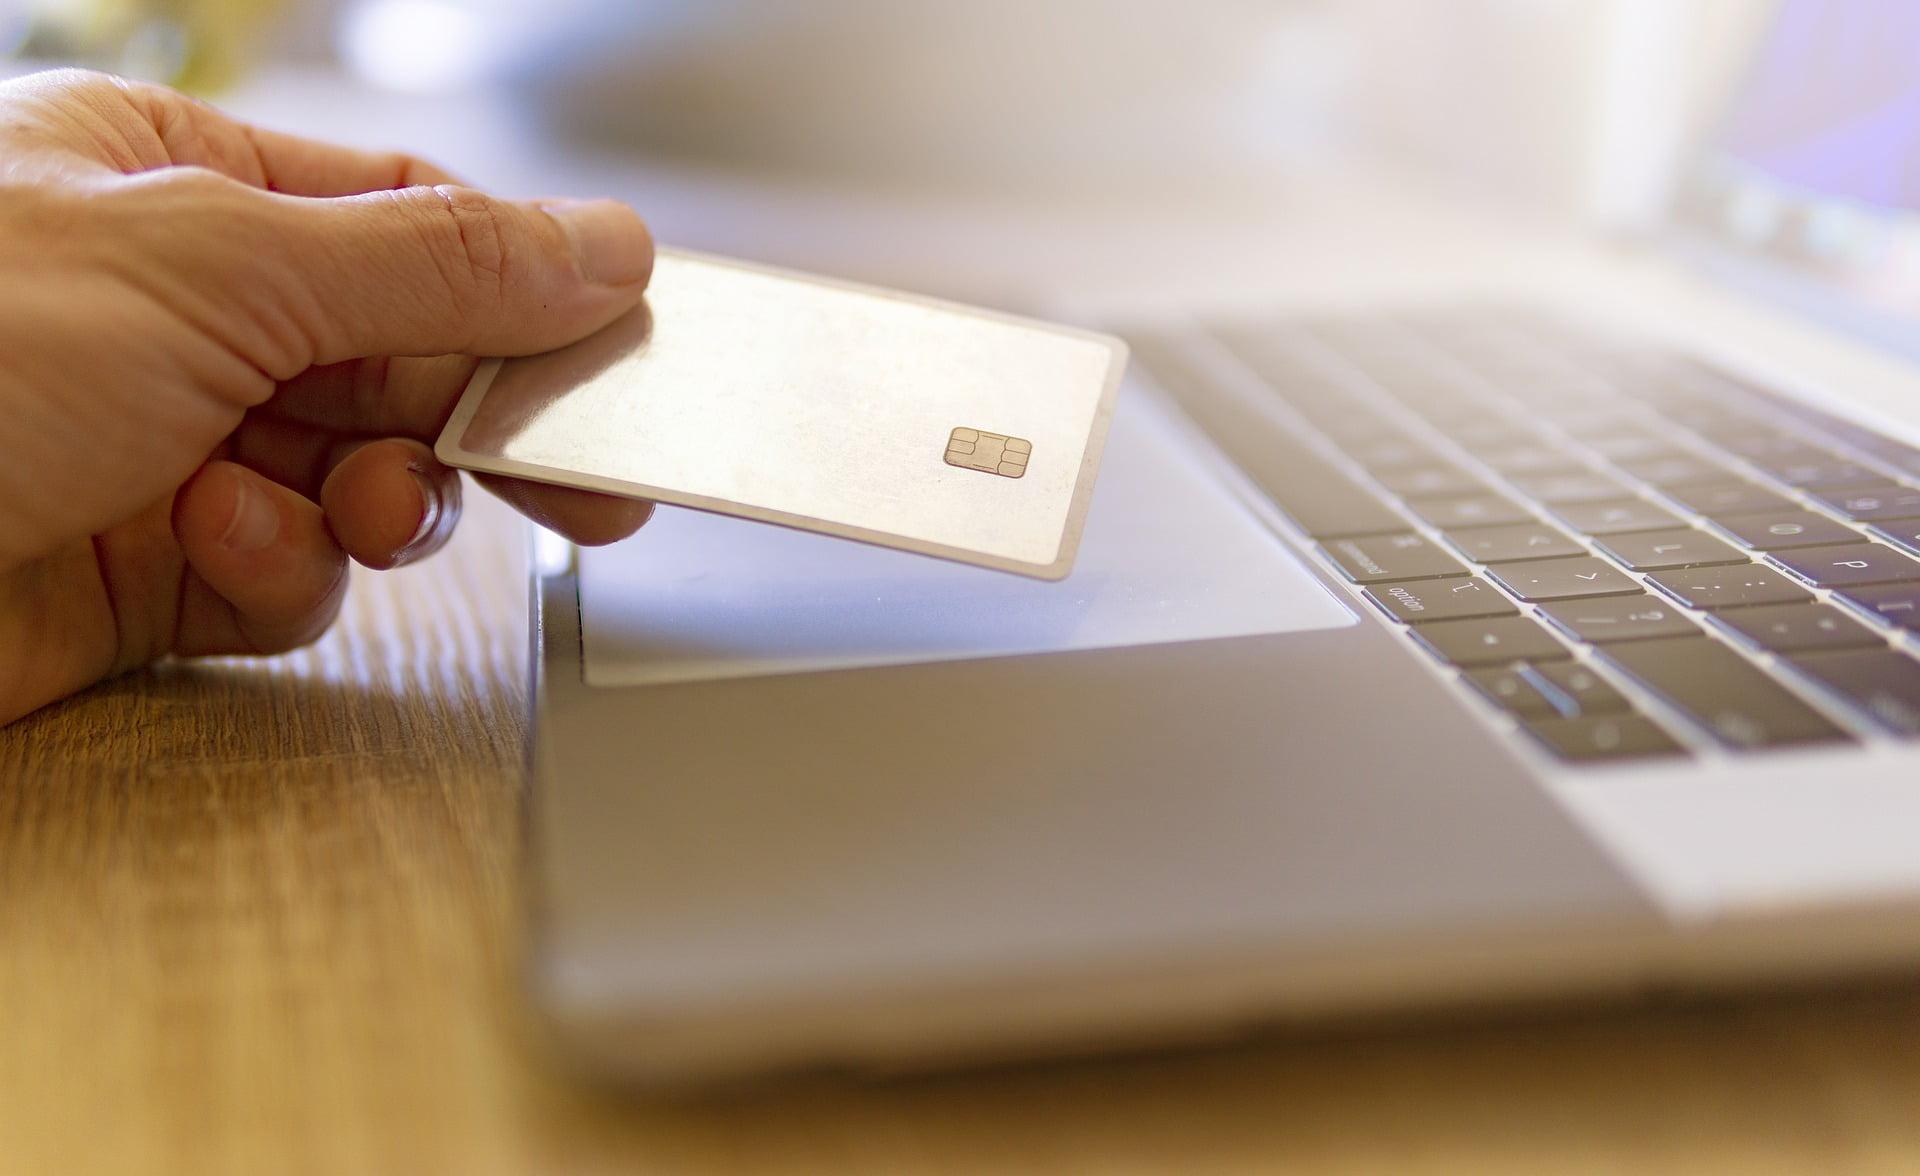 utiliser la carte d'identité électronique des clients et si oui, dans quelles conditions ? L'eID pour gérer le programme de fidélité.